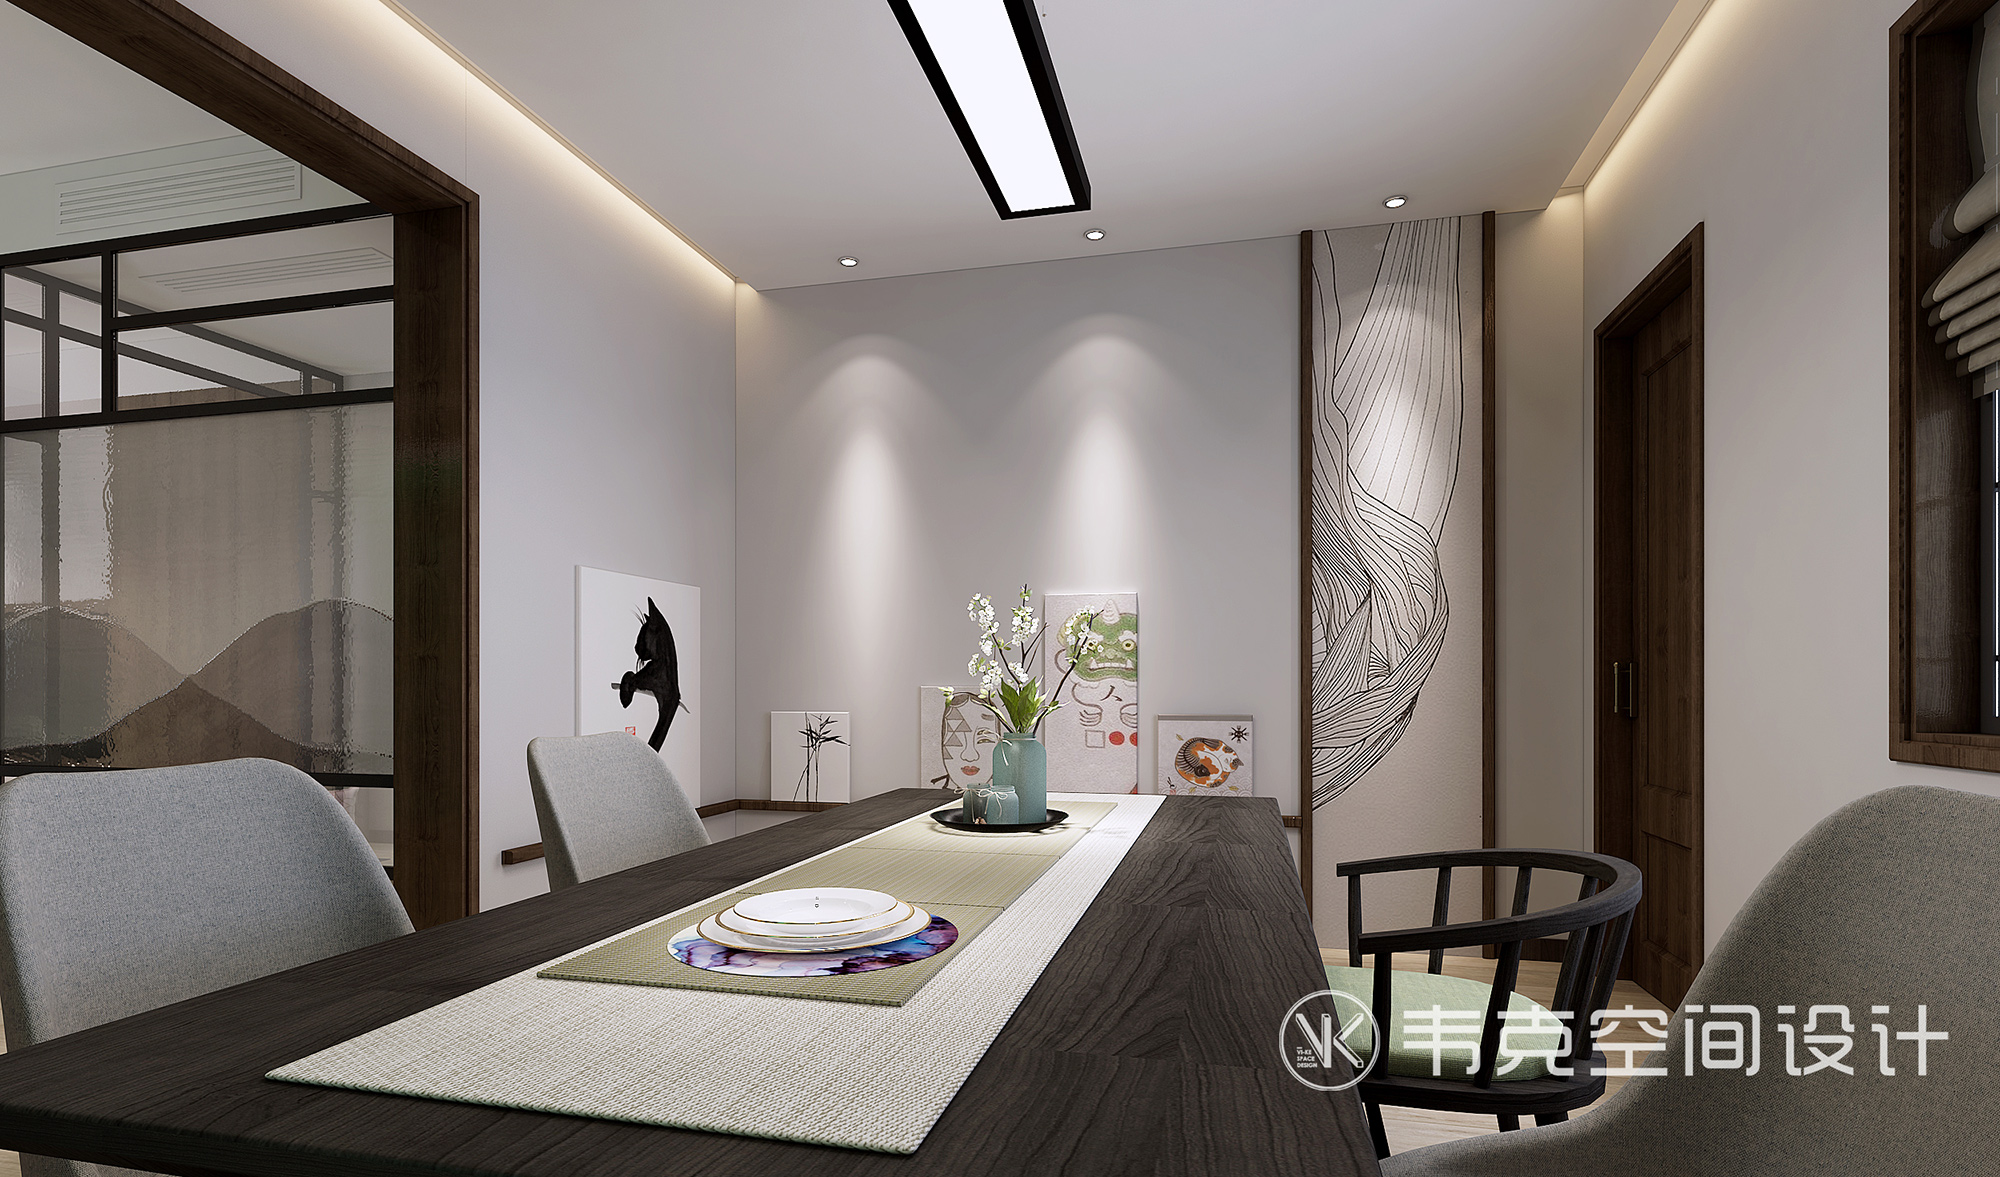 餐厅图片来自韦克空间设计在品味从容,写意的时光填满生活的分享